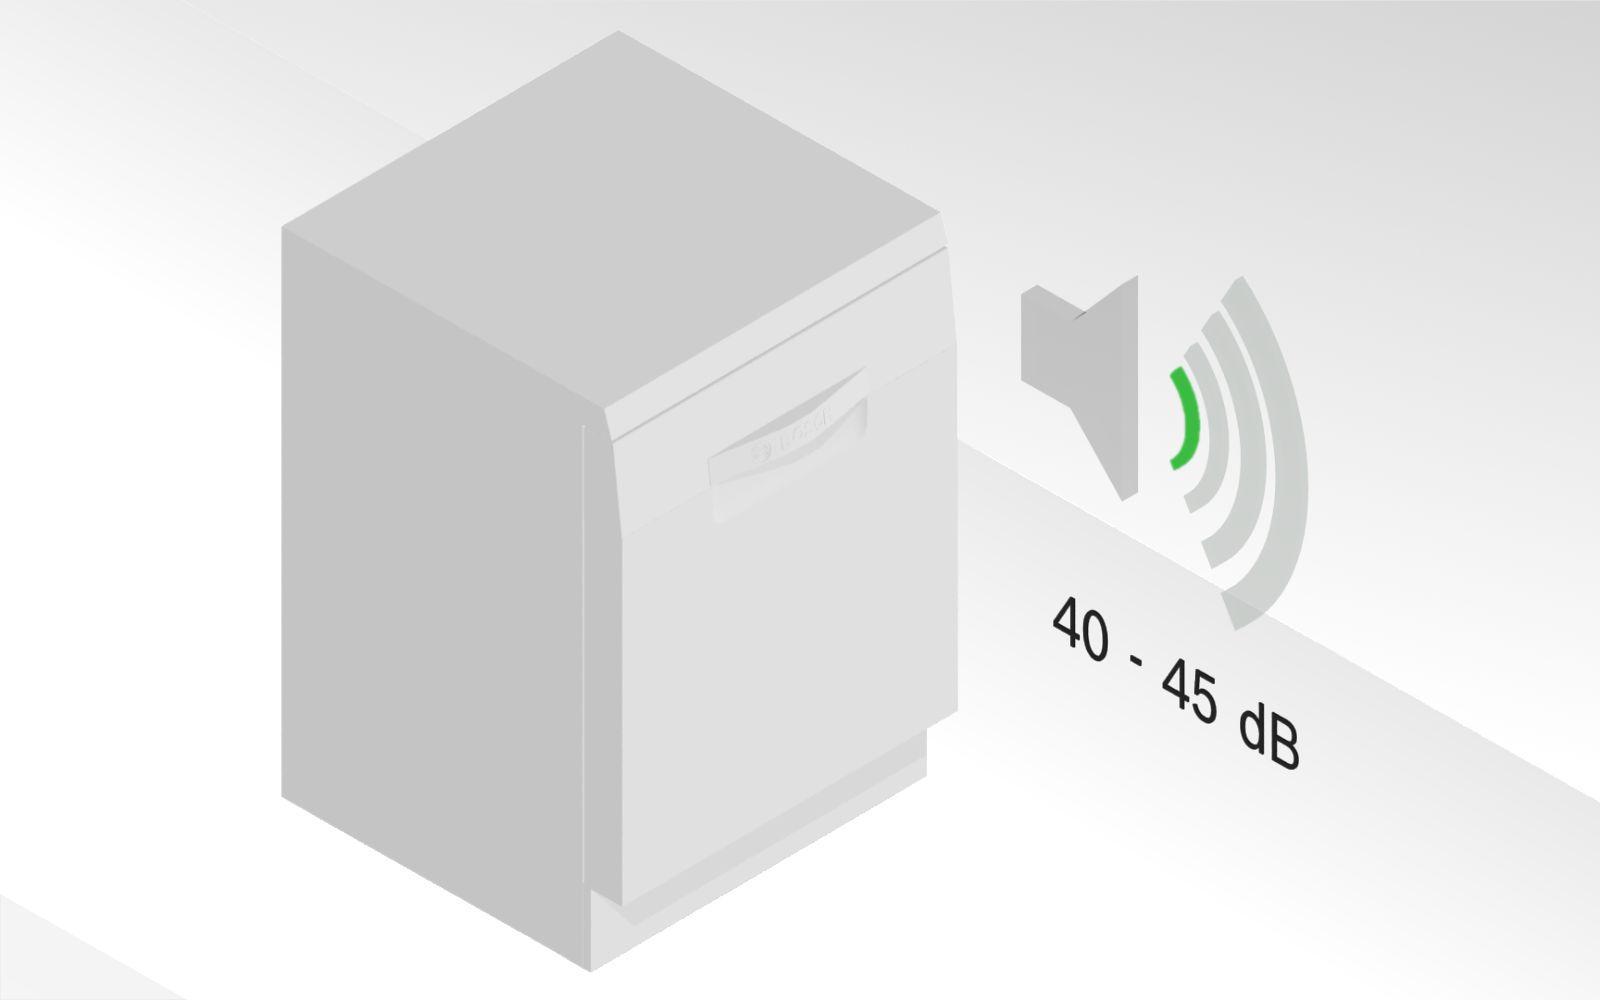 Chương trình im lặng với Super Silence độ ồn chỉ 42 dB tới 45 dB